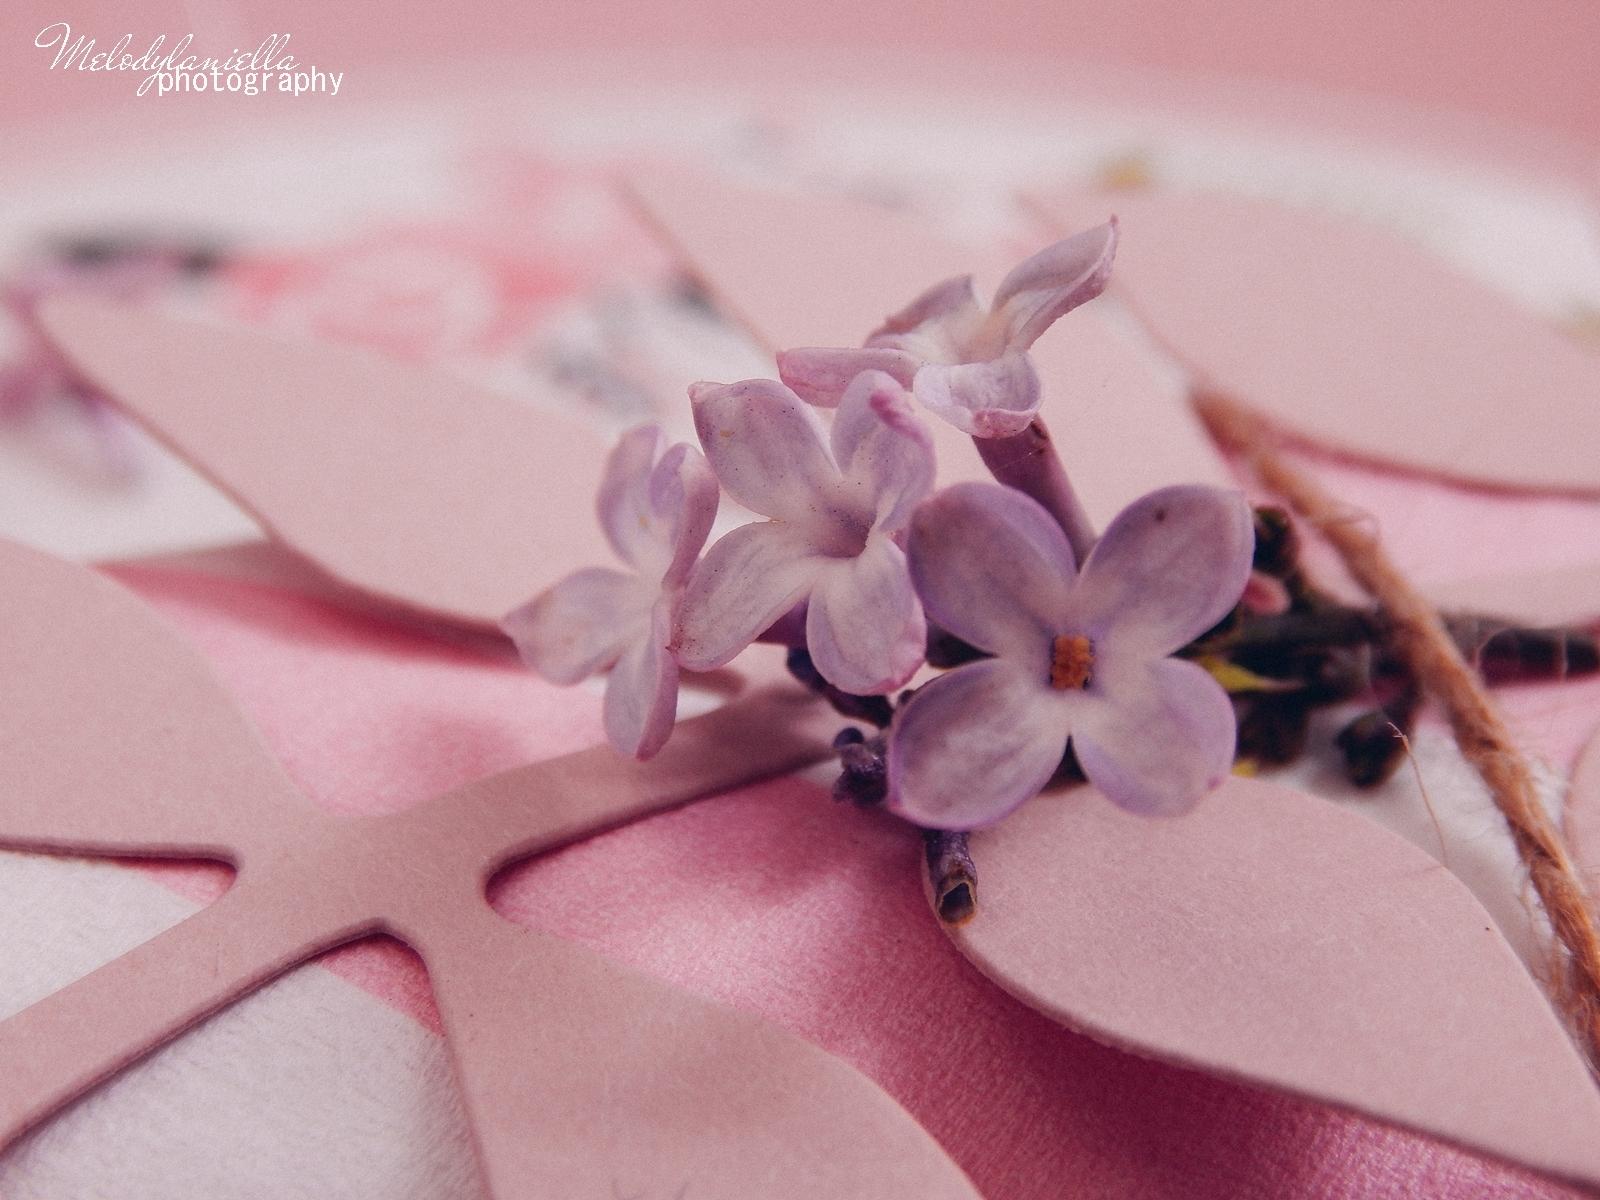 15 partybox.pl imprezu urodziny stroje dodatki na imprezę dekoracje nakrycia akcesoria imprezowe jak udekorować stół na dzień mamy pomysły na dzień matki pomysły na niespodzianki urodzinowe